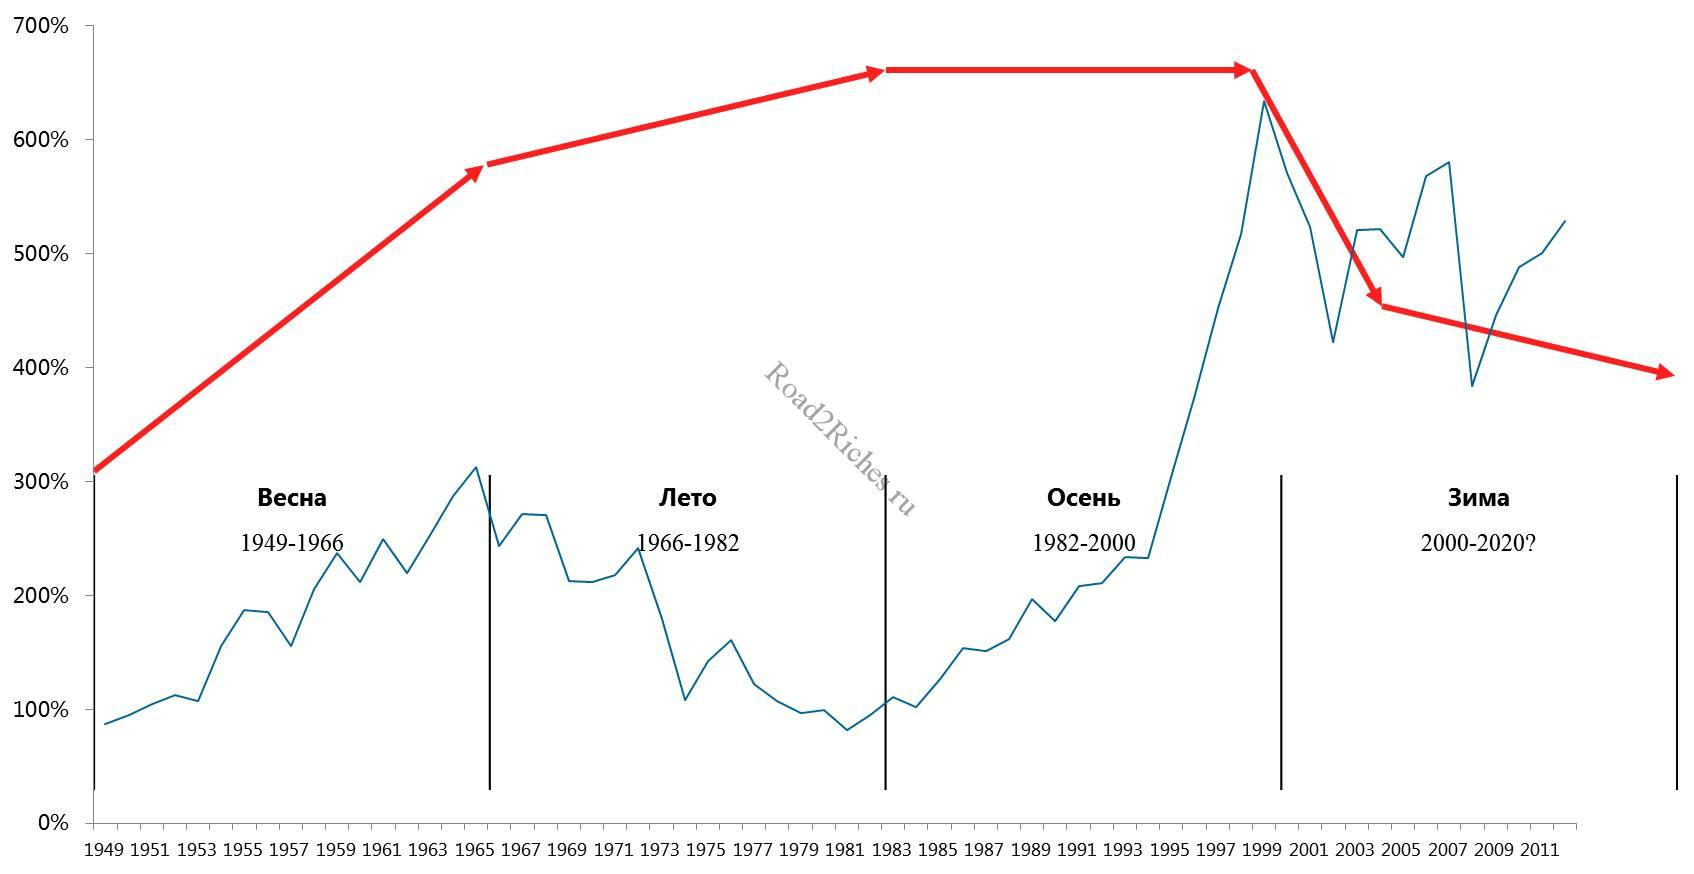 Циклы Кондратьев и Dow Jones